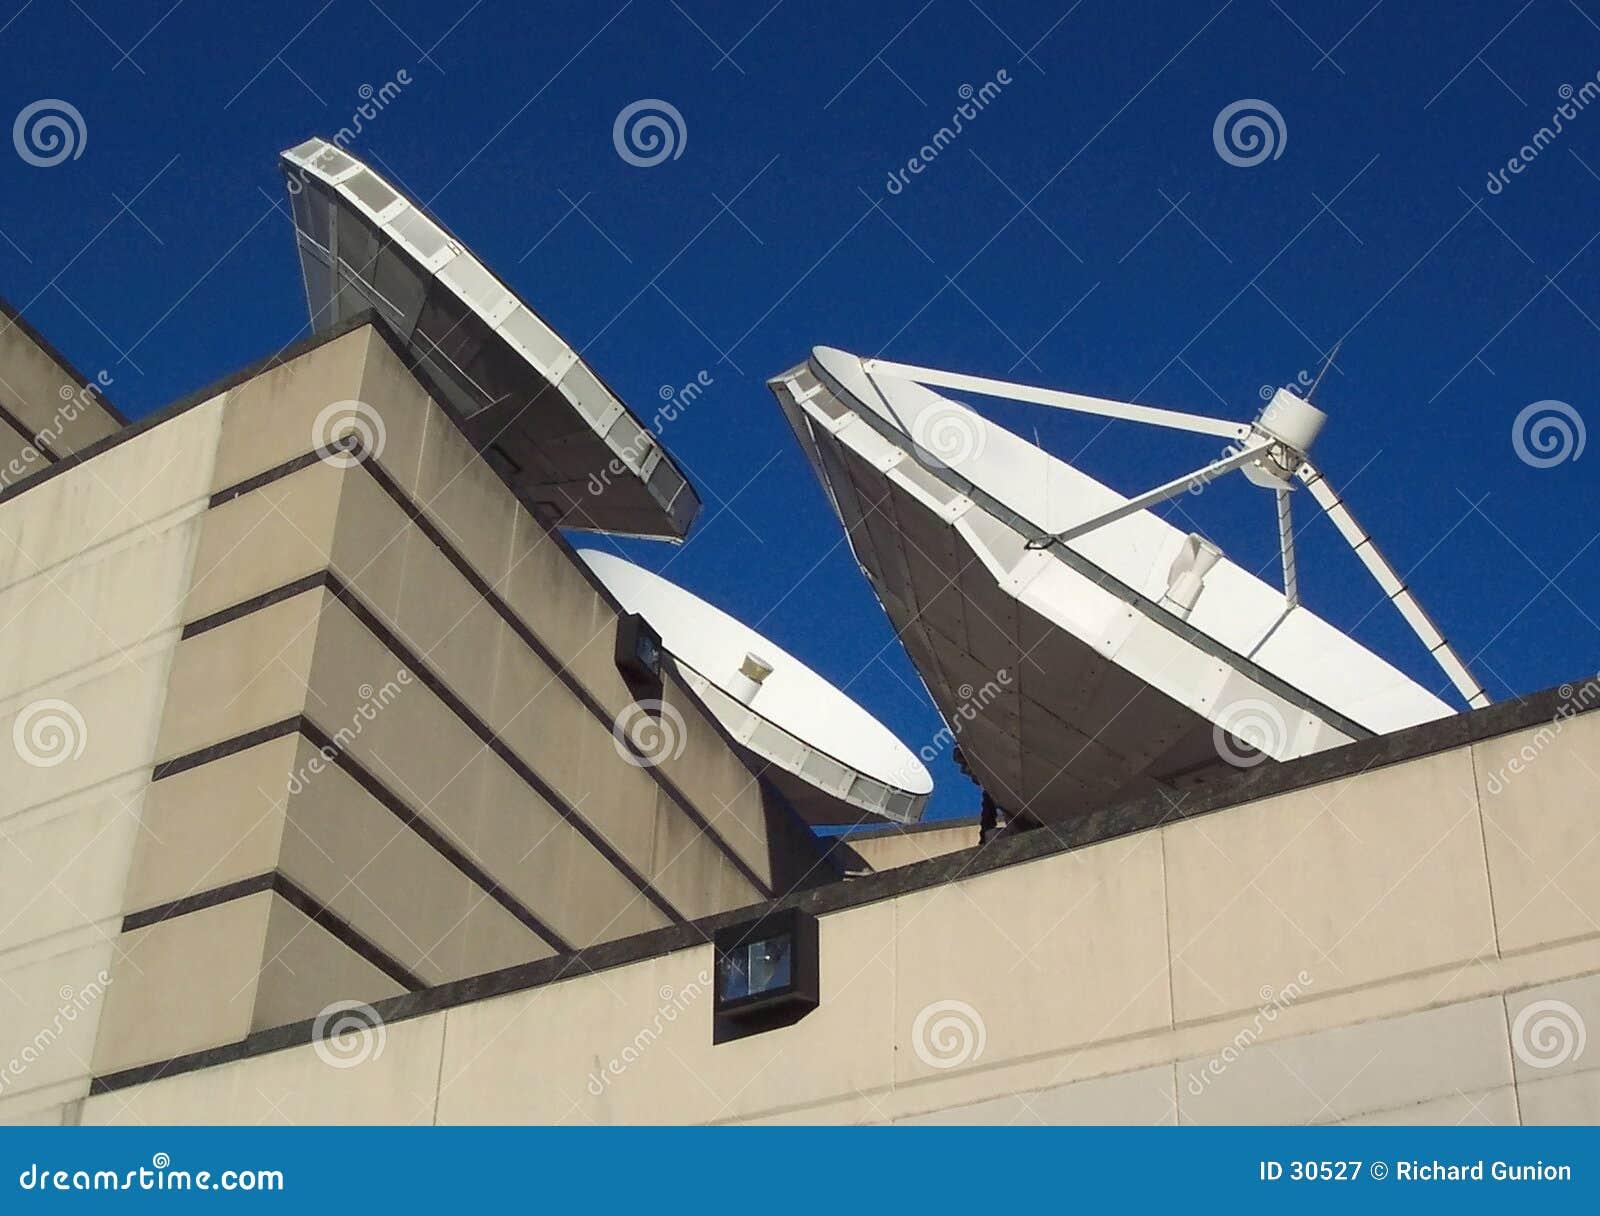 Download Satellitenschüsseln stockbild. Bild von welt, global, informationen - 30527